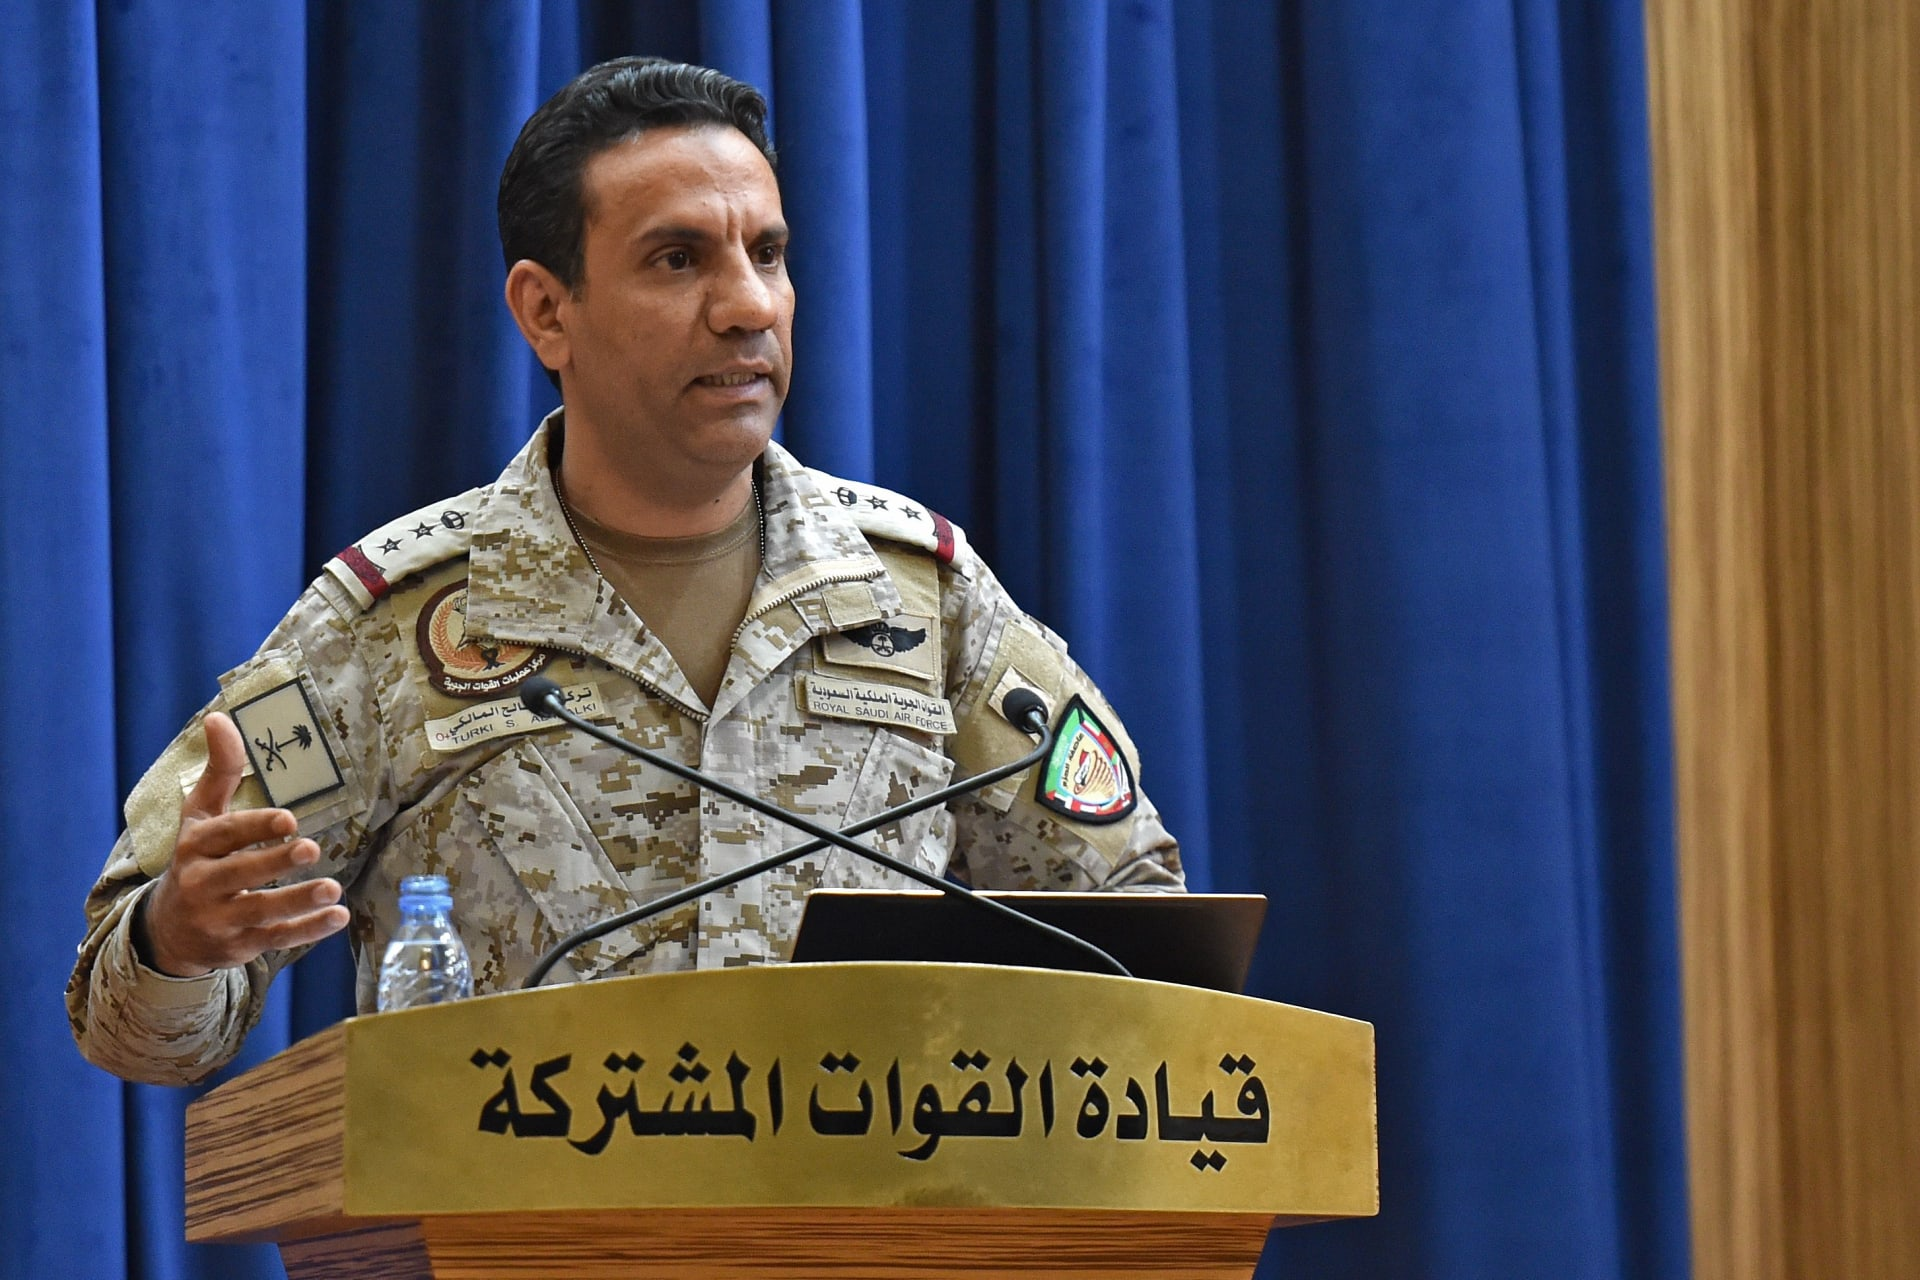 العقيد الركن تركي المالكي، المتحدث باسم التحالف الذي تقوده السعودية في اليمن